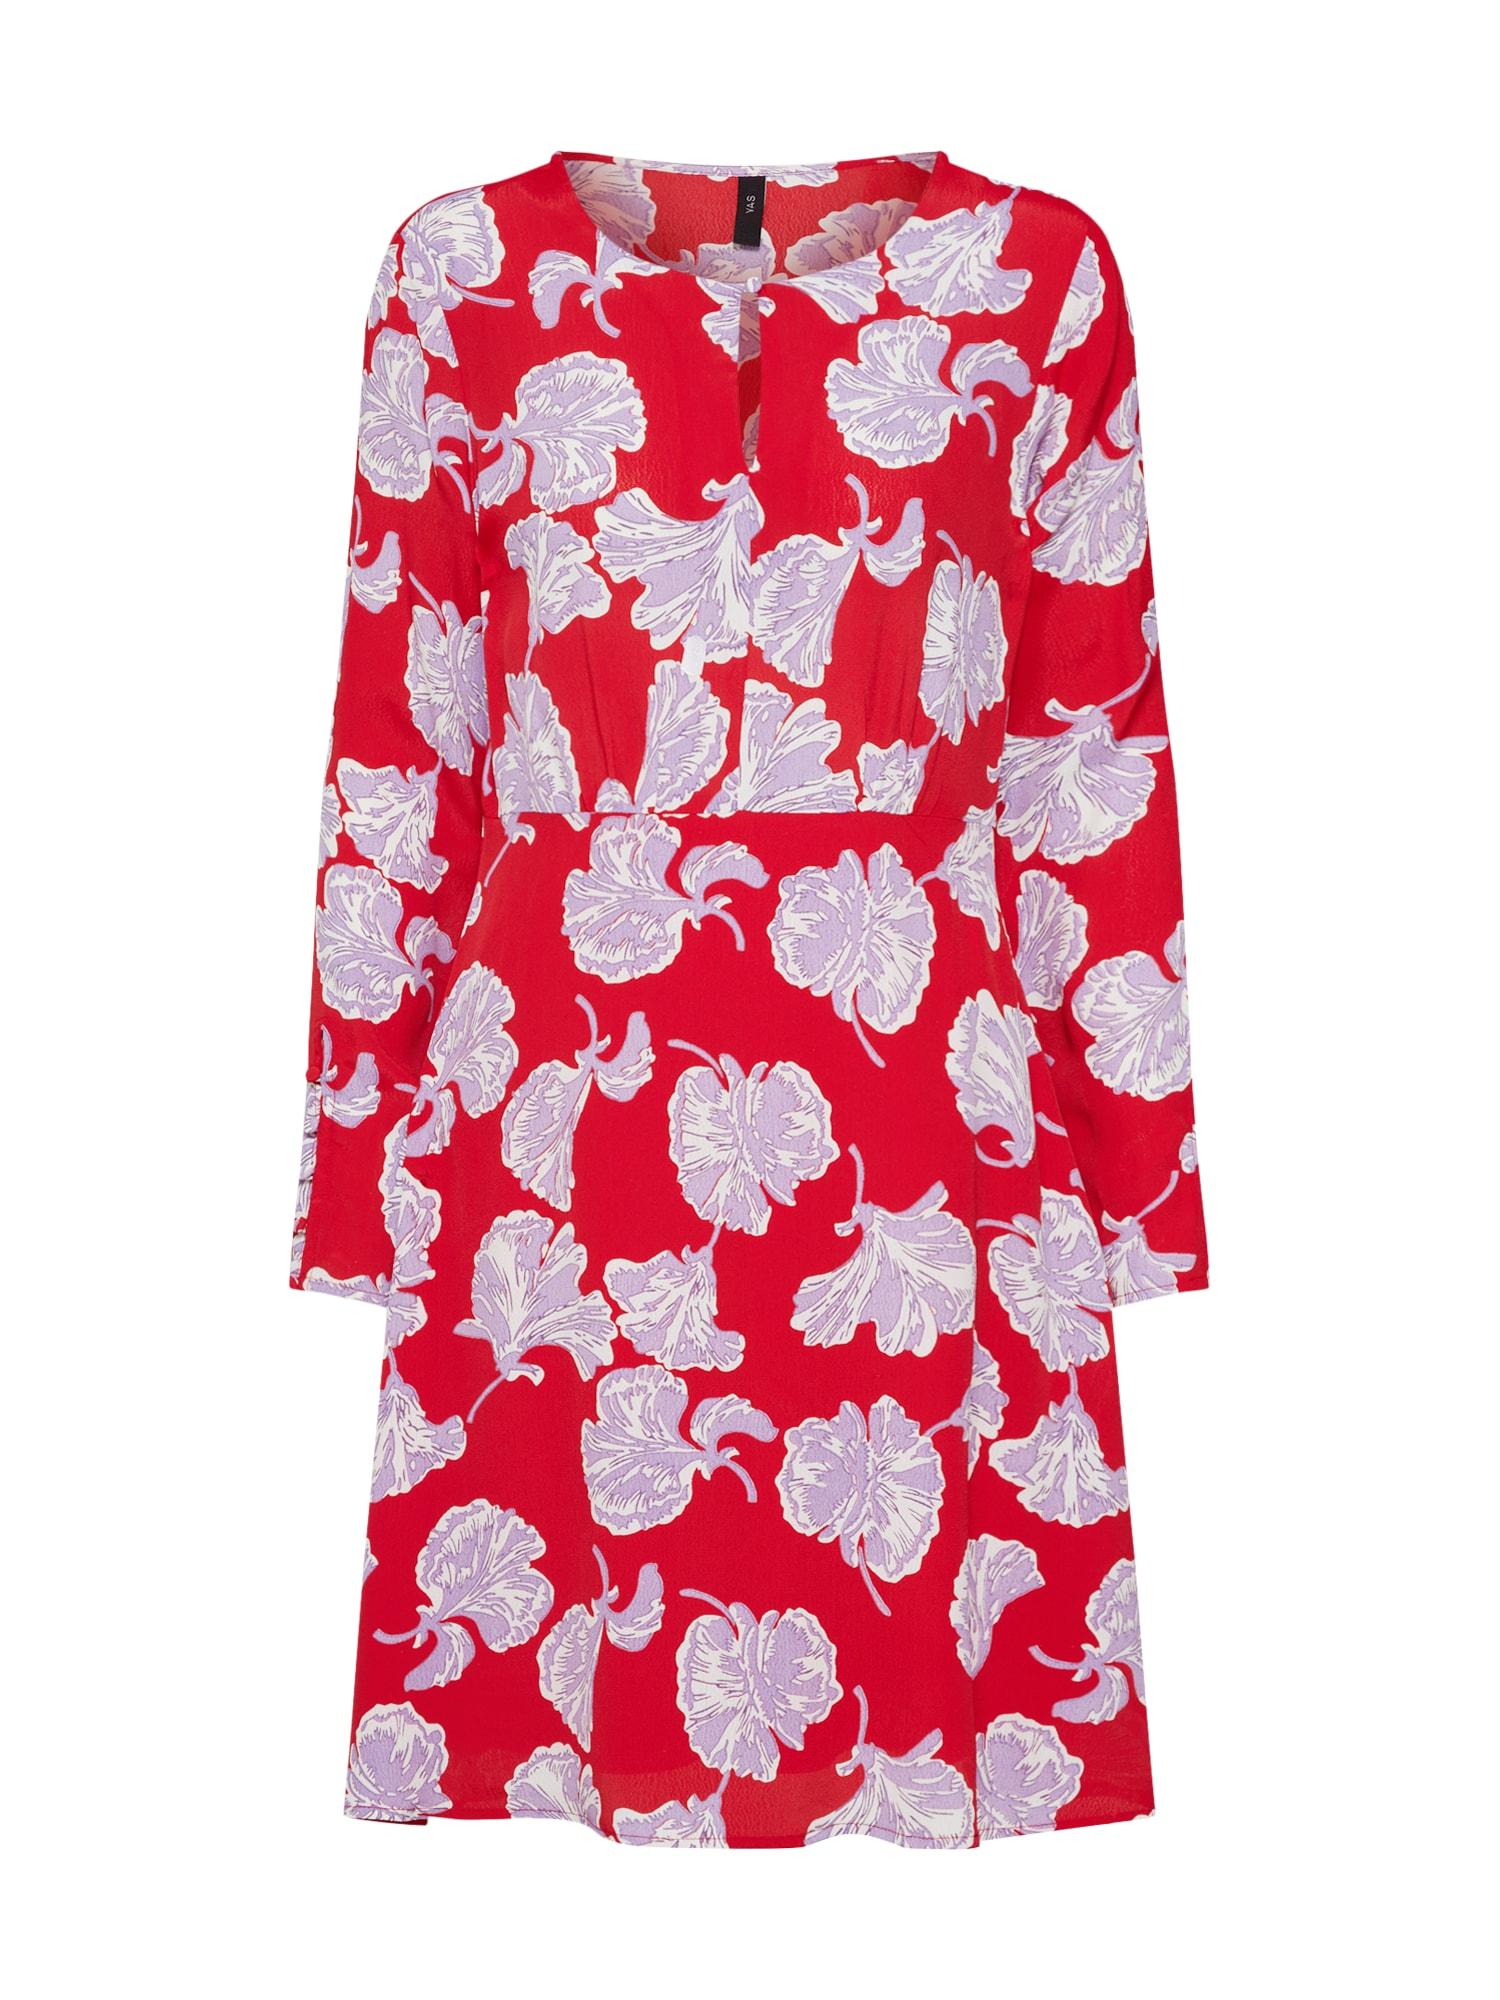 Letní šaty Сinco šeříková ohnivá červená bílá Y.A.S